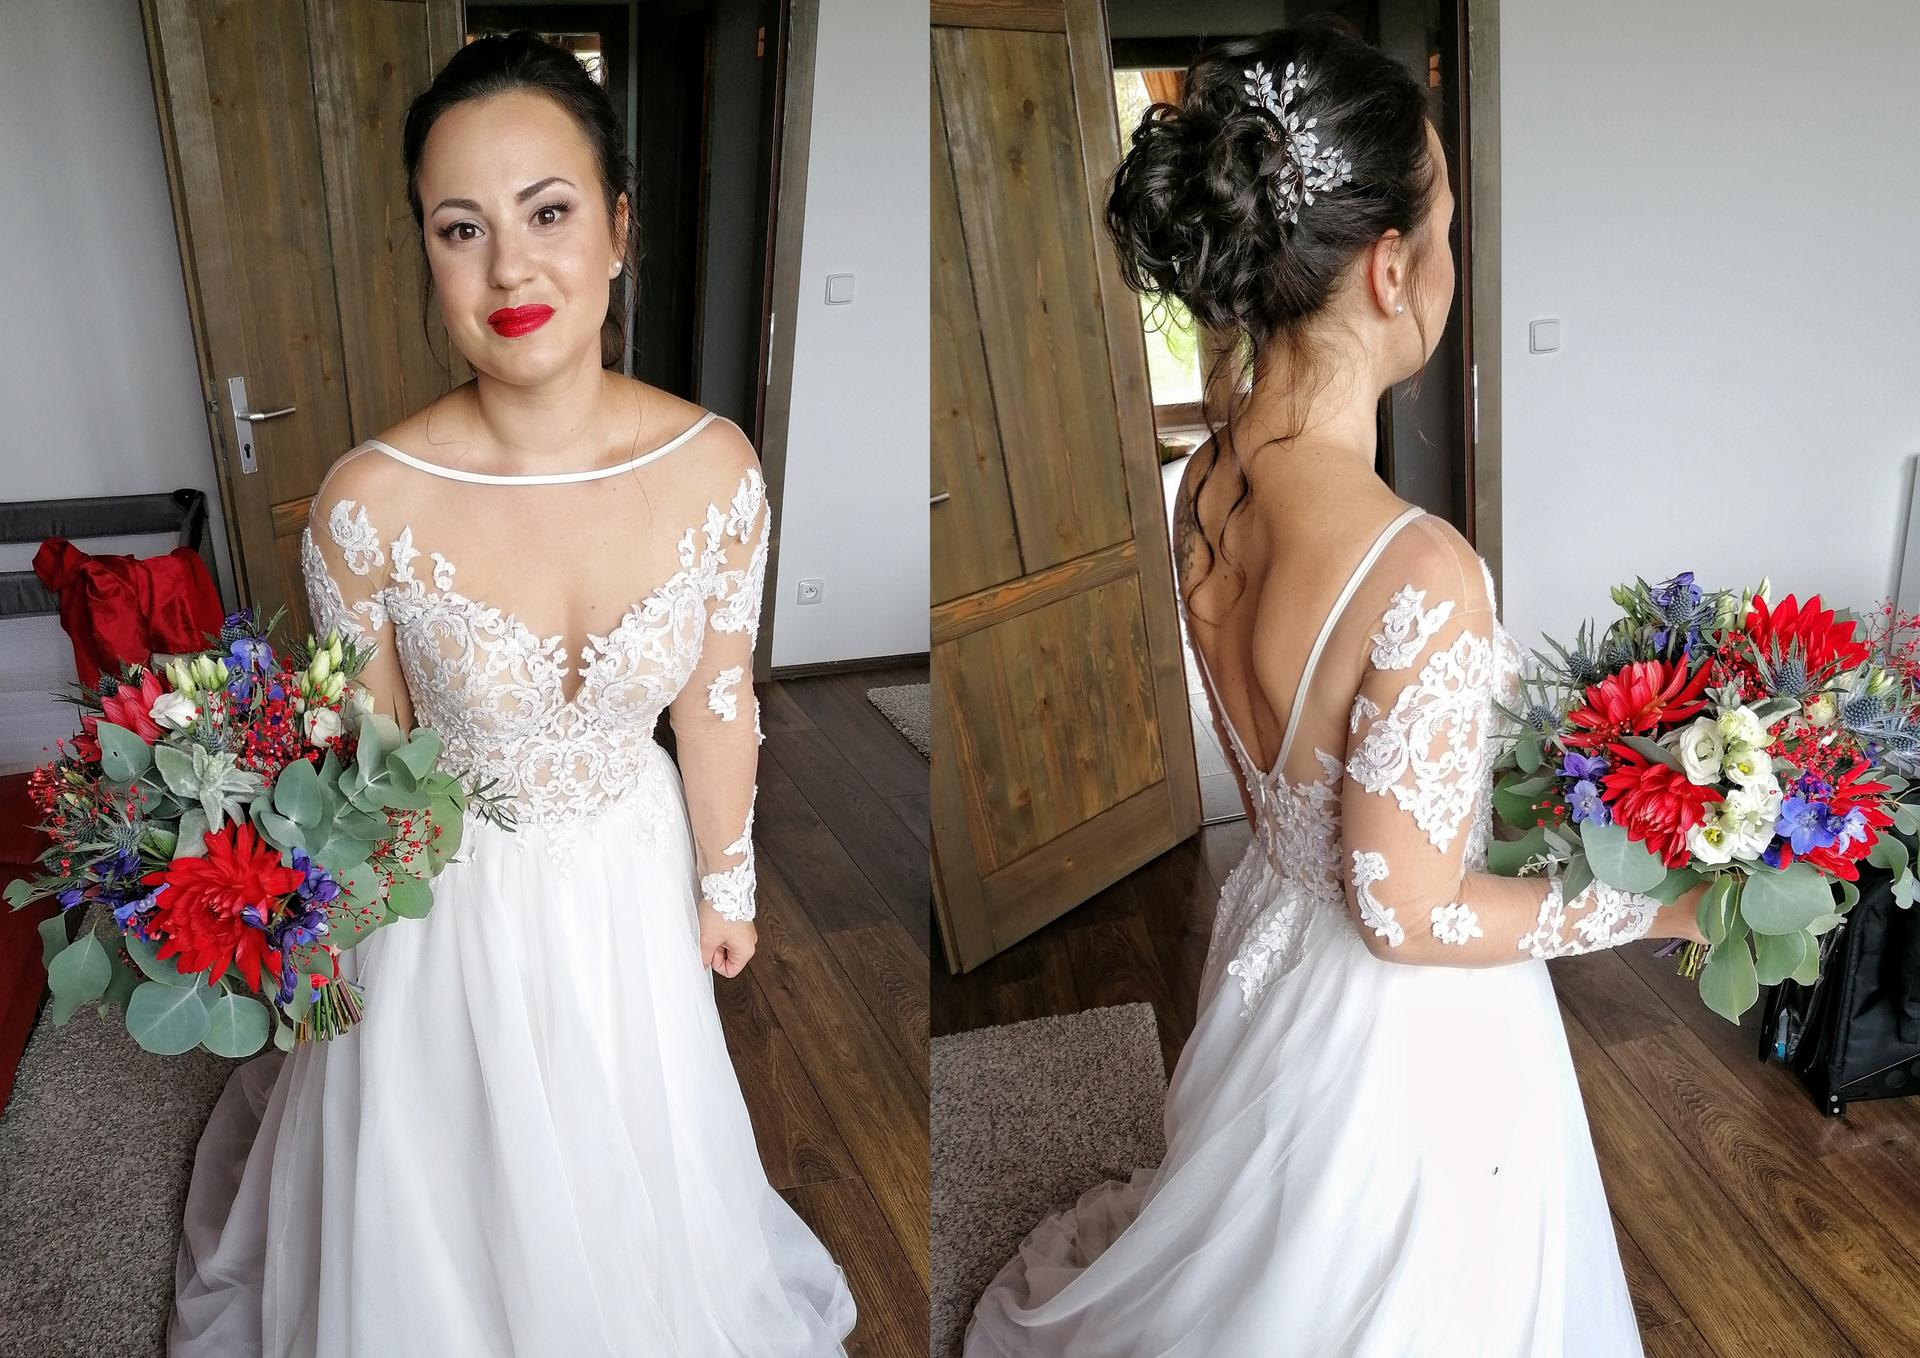 Další krásné nevěsty nachystané. <3 - Obrázek č. 3